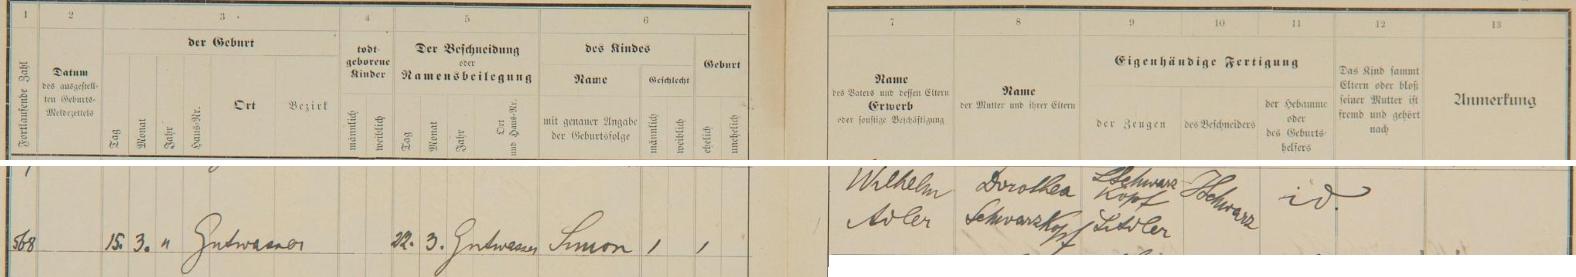 Podle tohoto německého záznamu sušické židovské matriky se narodil v Dobré Vodě u Hartmanic dne 15. března roku 1884 Wilhelmu Adlerovi a jeho ženě Dorothee, roz. Schwarzkopfové, byl 22. března obřezán a dostal jméno Simon - jako kmotři jsou tu uvedeni L. Schwarzkopf a L. Adler, obřízku vykonal J. Schwarz